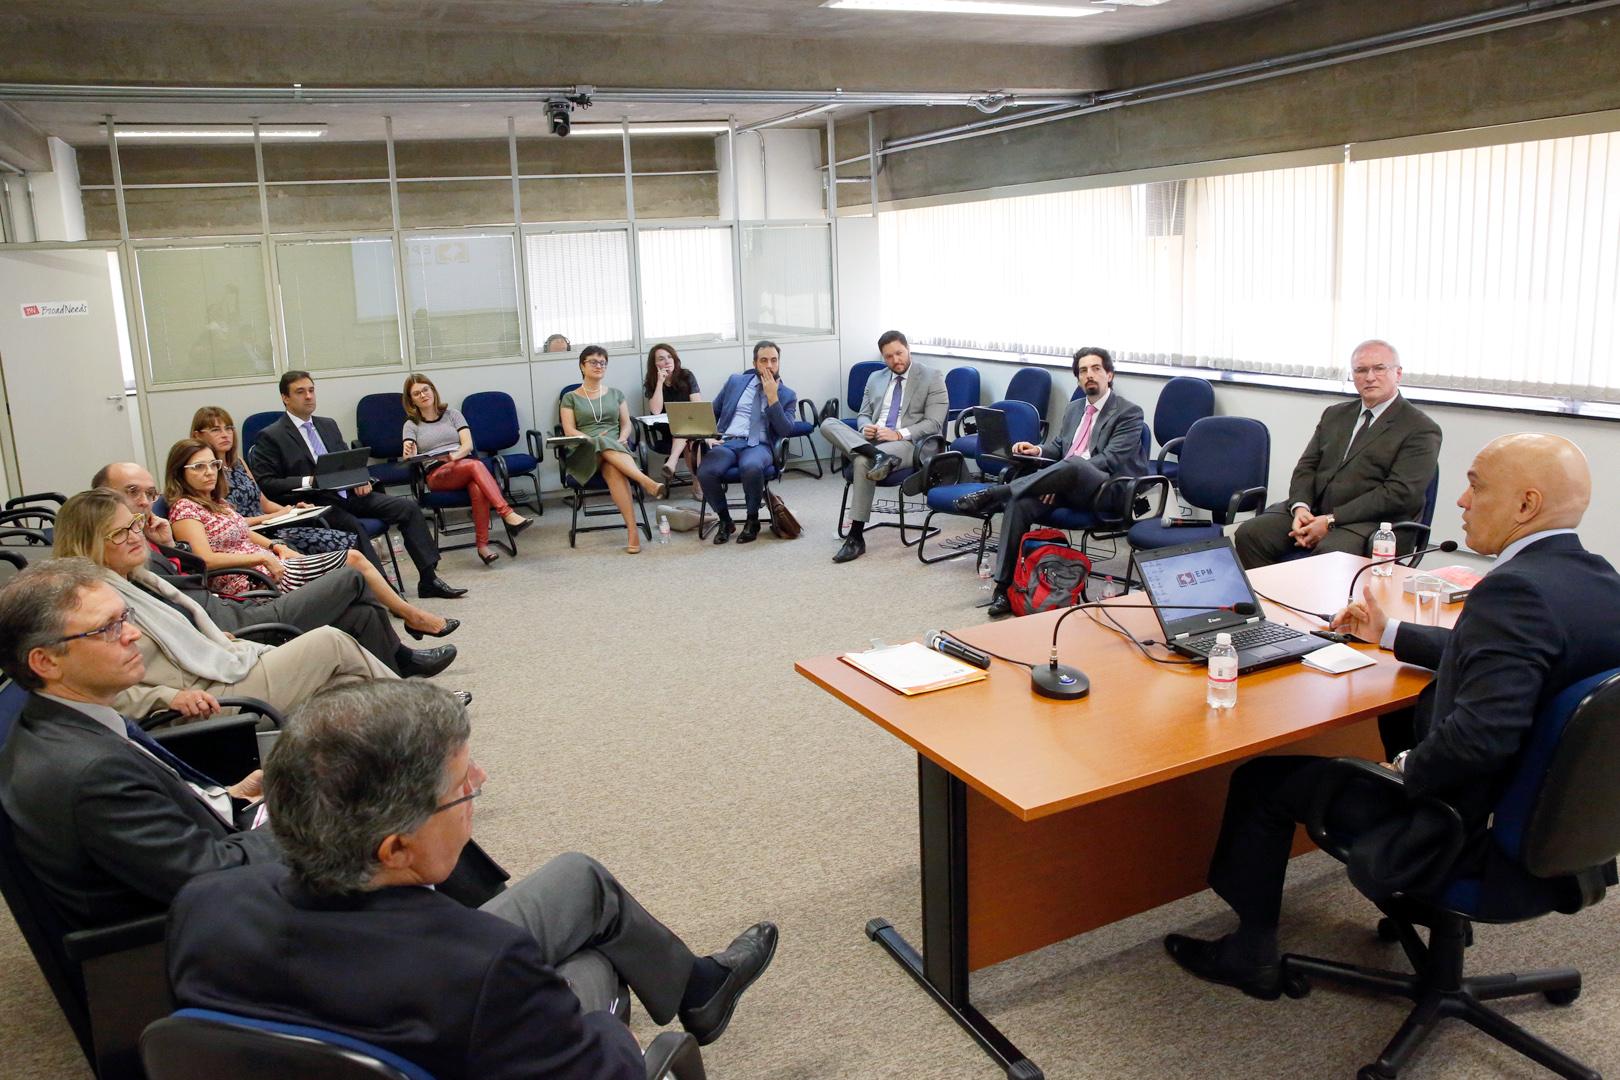 Segurança pública é discutida no Núcleo de Estudos 'Poder Judiciário: Orçamento, Gestão e Políticas Públicas'